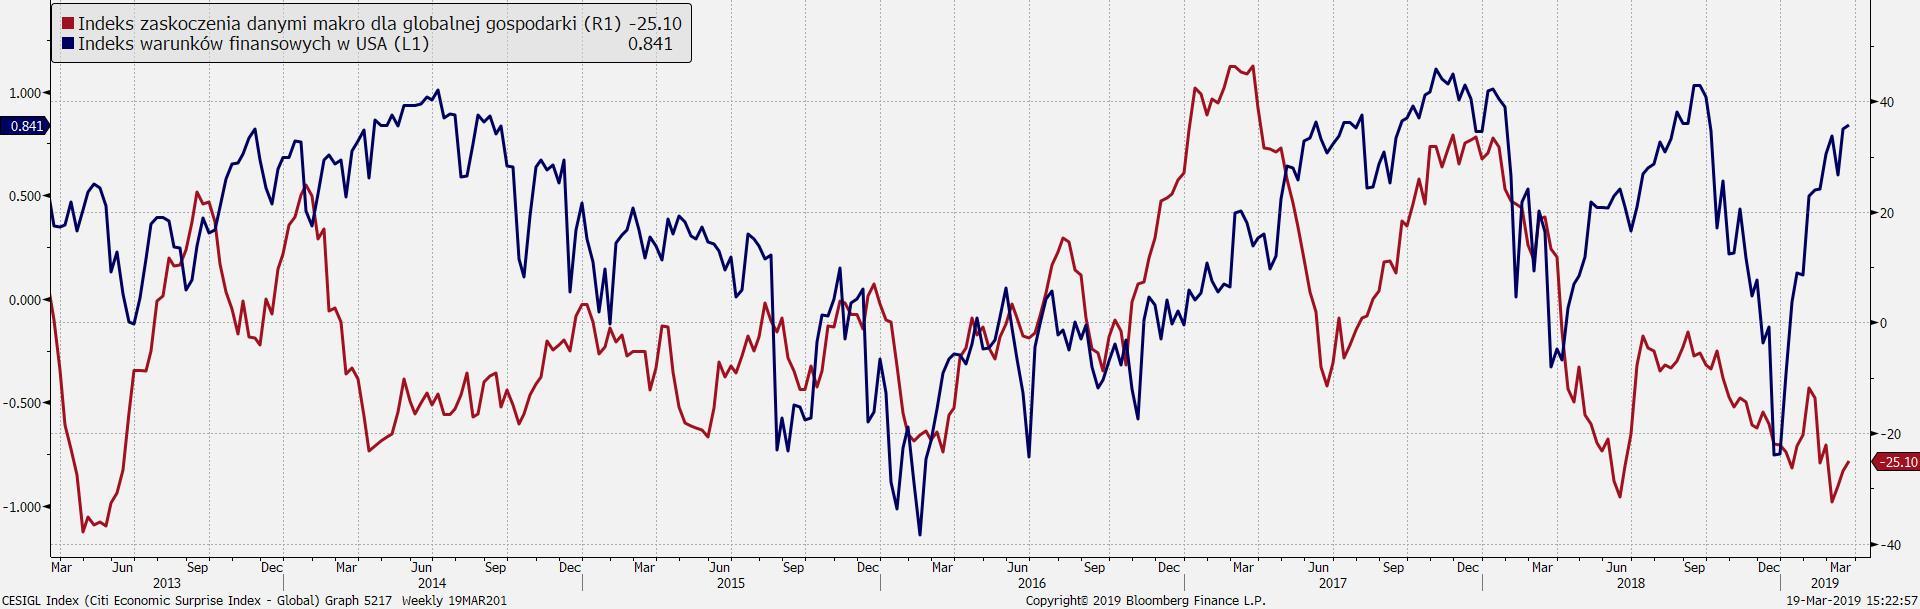 Warunki finansowe w USA i poziom zaskoczenia danymi makro dla globalnej gospodark. Źródło: Bloombergi